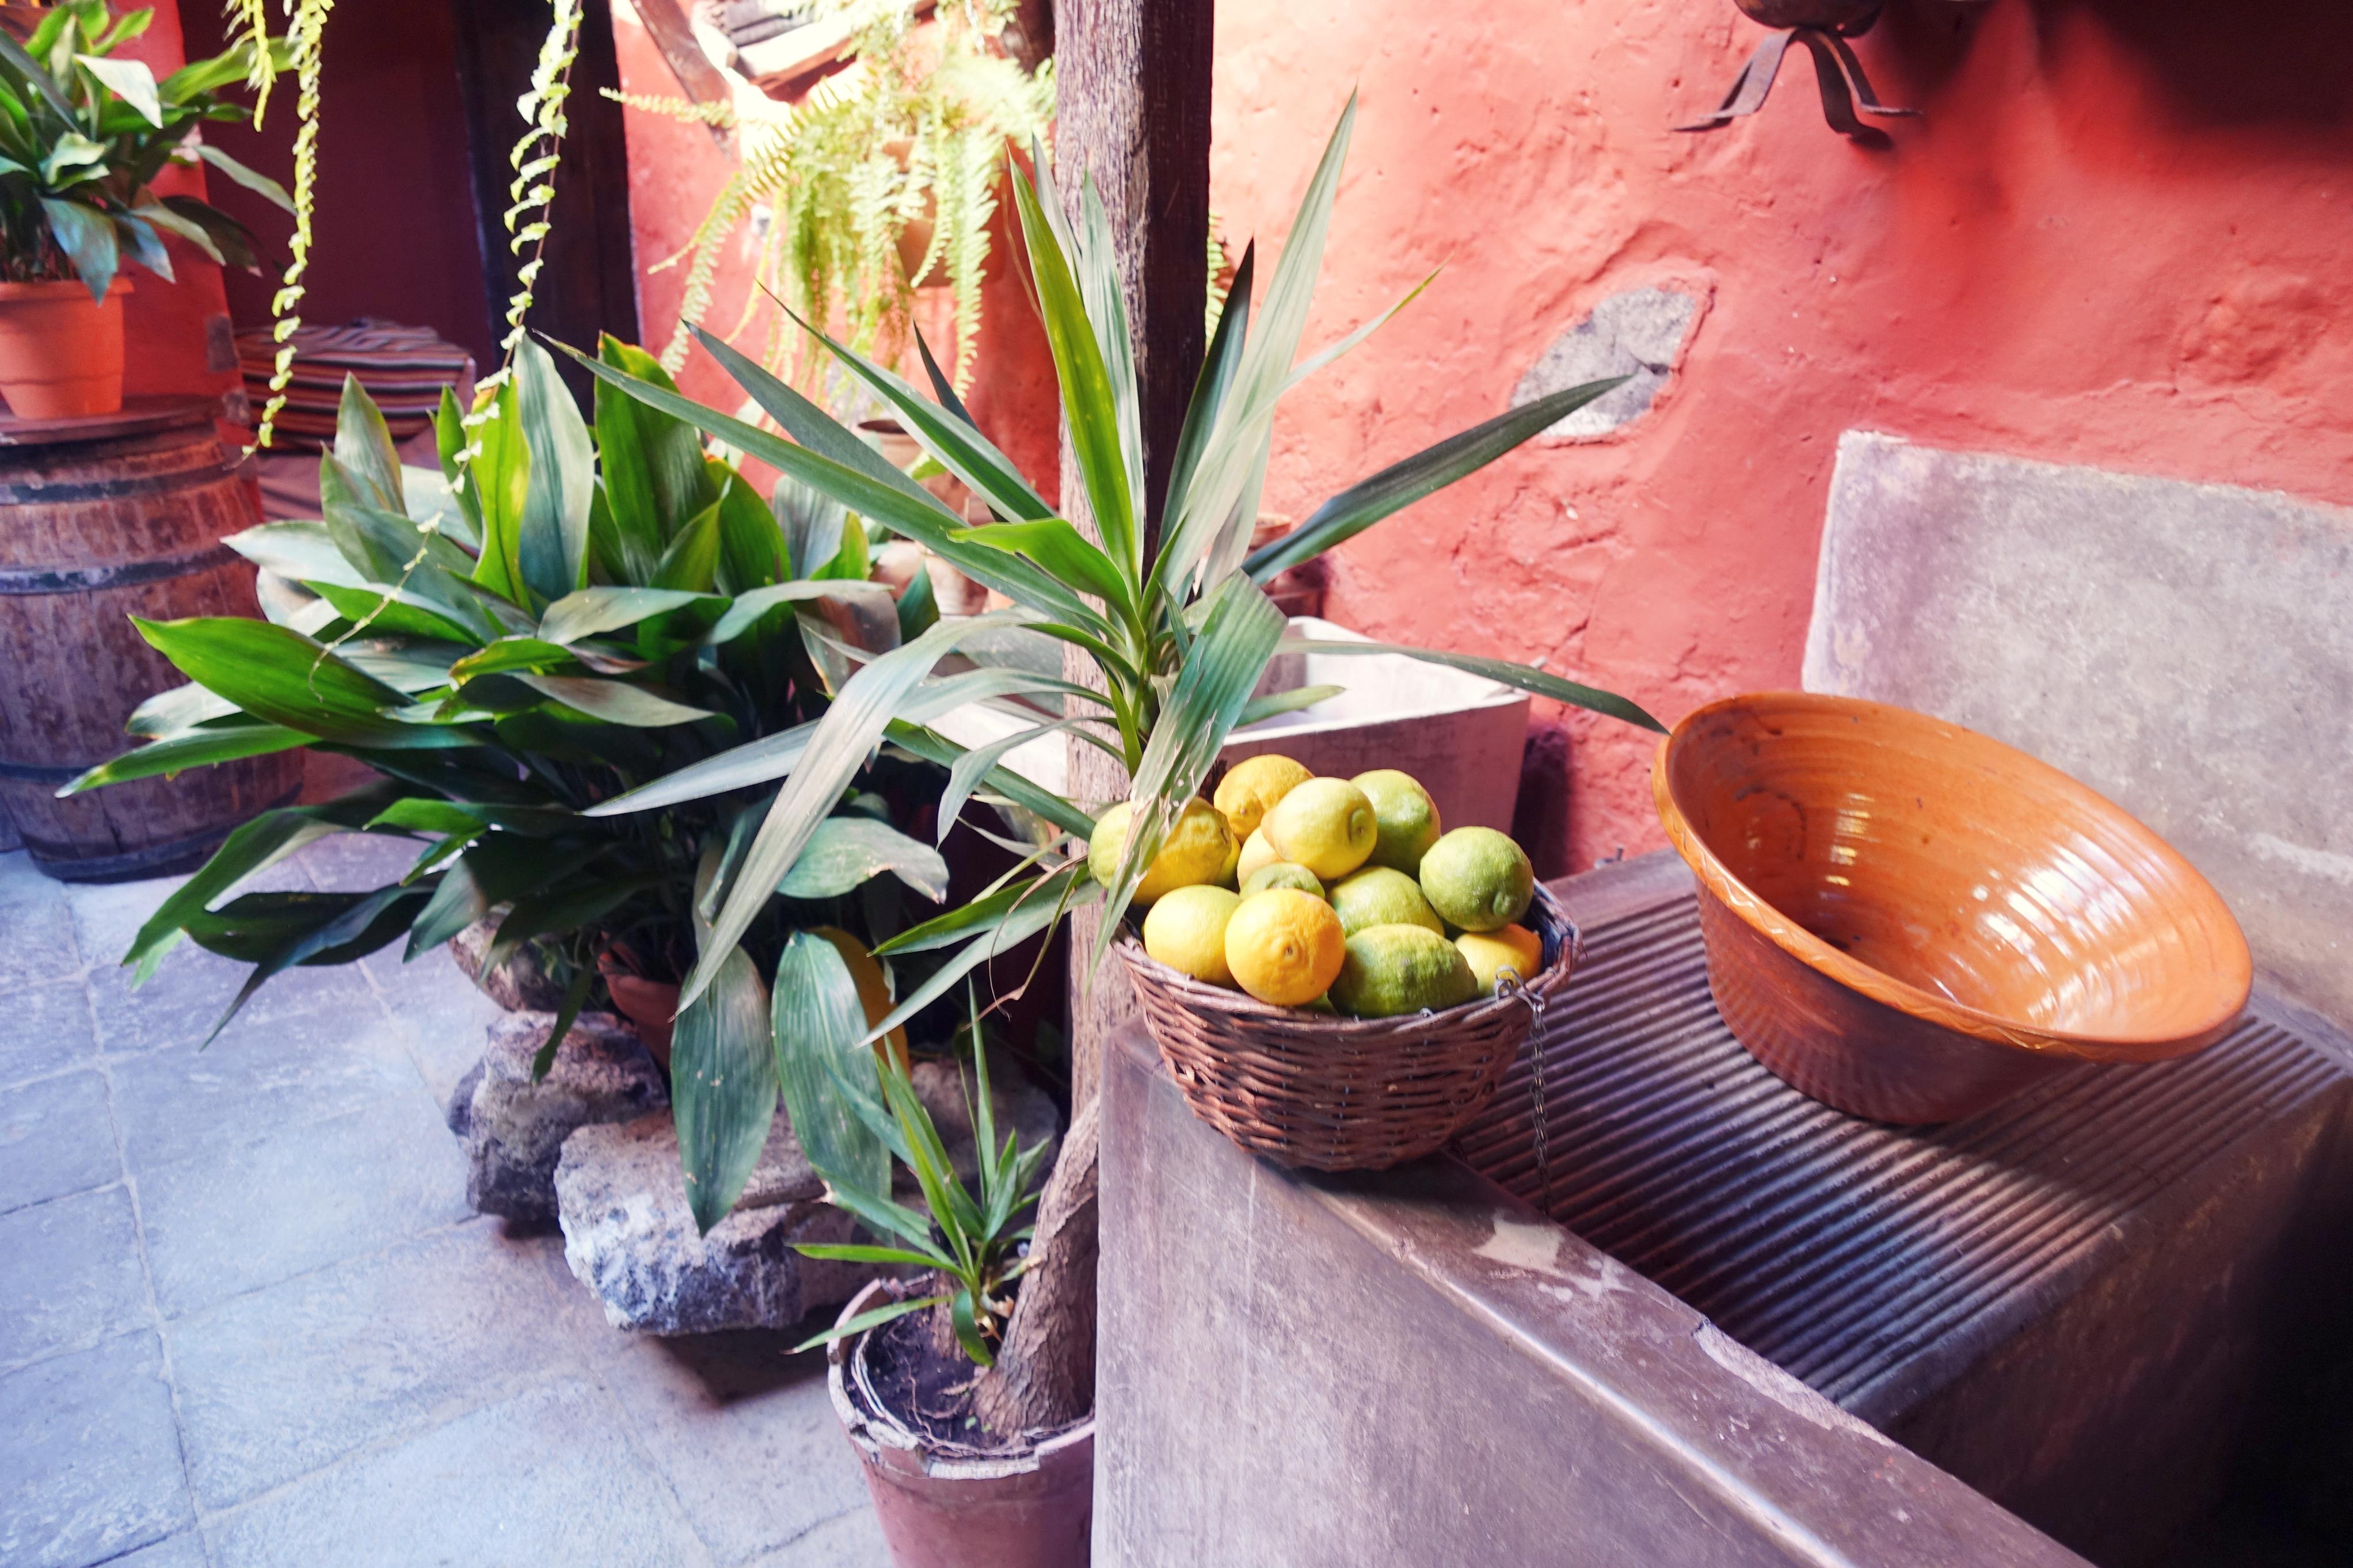 Que-ver-en Tenerife-blog-de-moda-fashion-travel-Piensaenchic-influencer-Chicadicta-patio-canario-La-orotava-Chic-adicta-Piensa-en-Chic